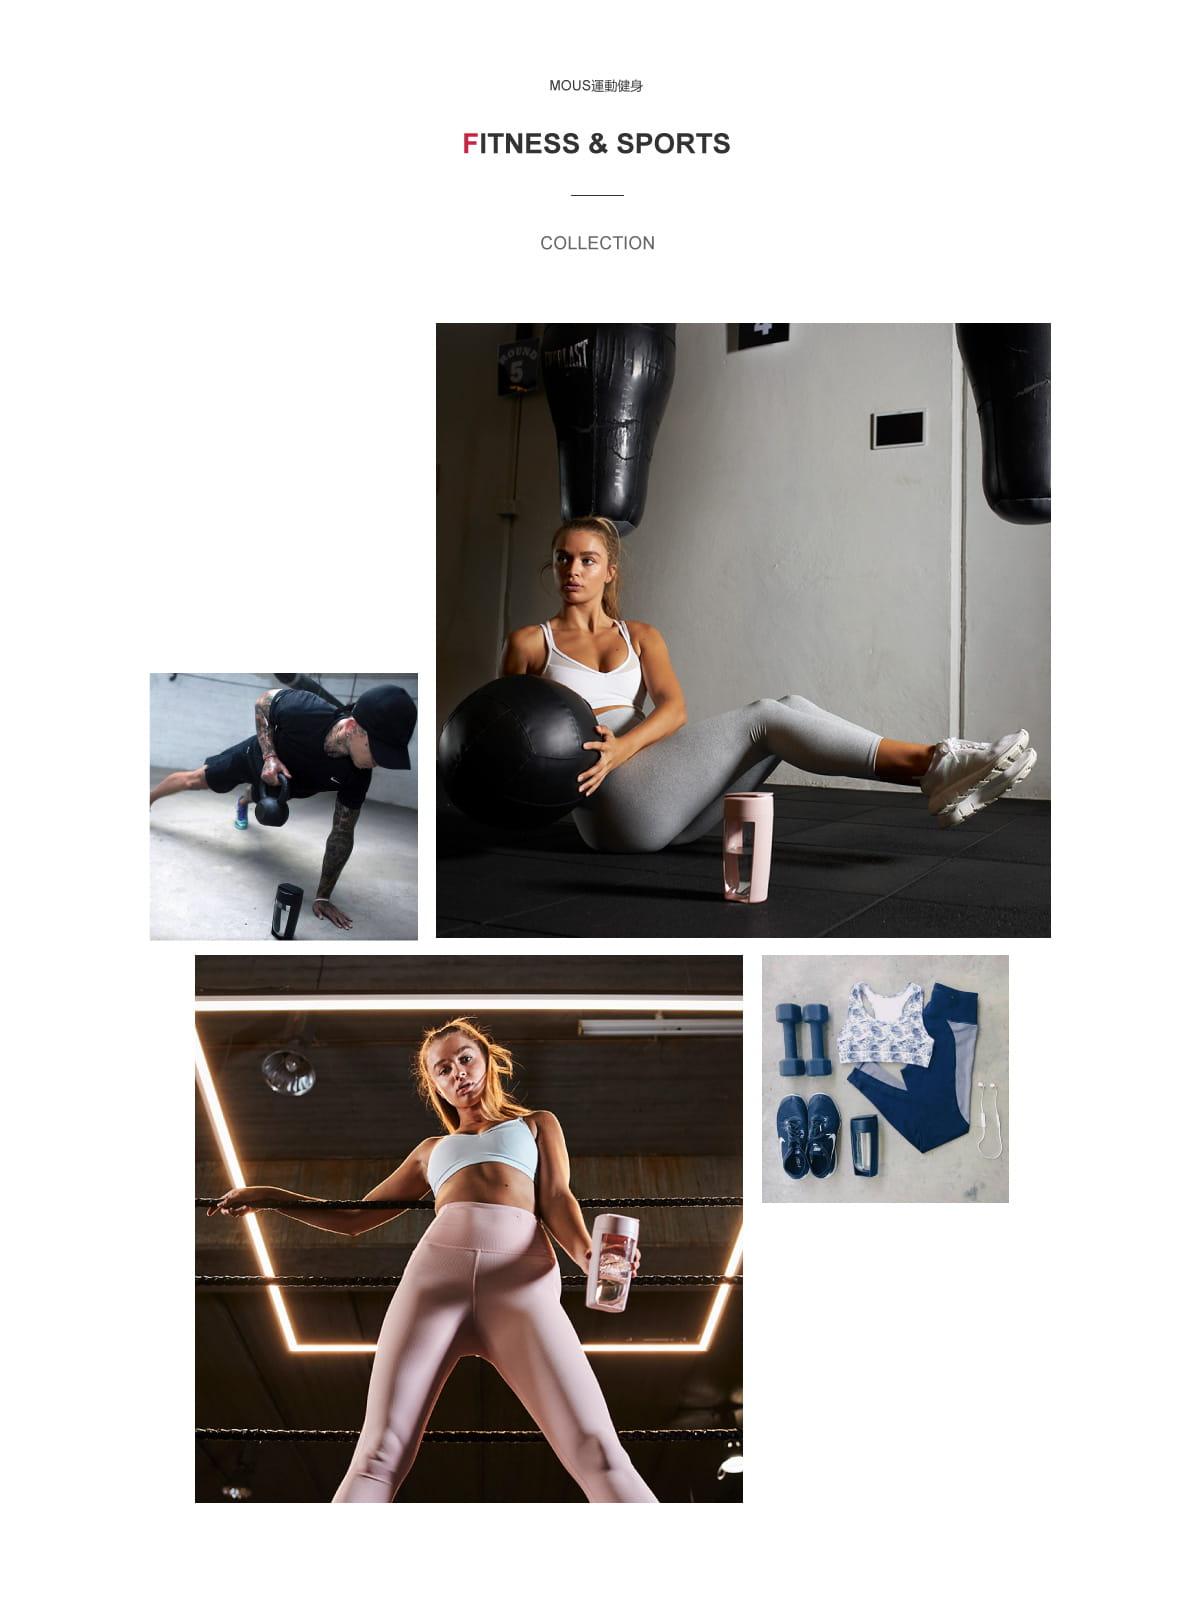 澳洲 MOUS Fitness 運動健身搖搖杯-腮紅粉 4